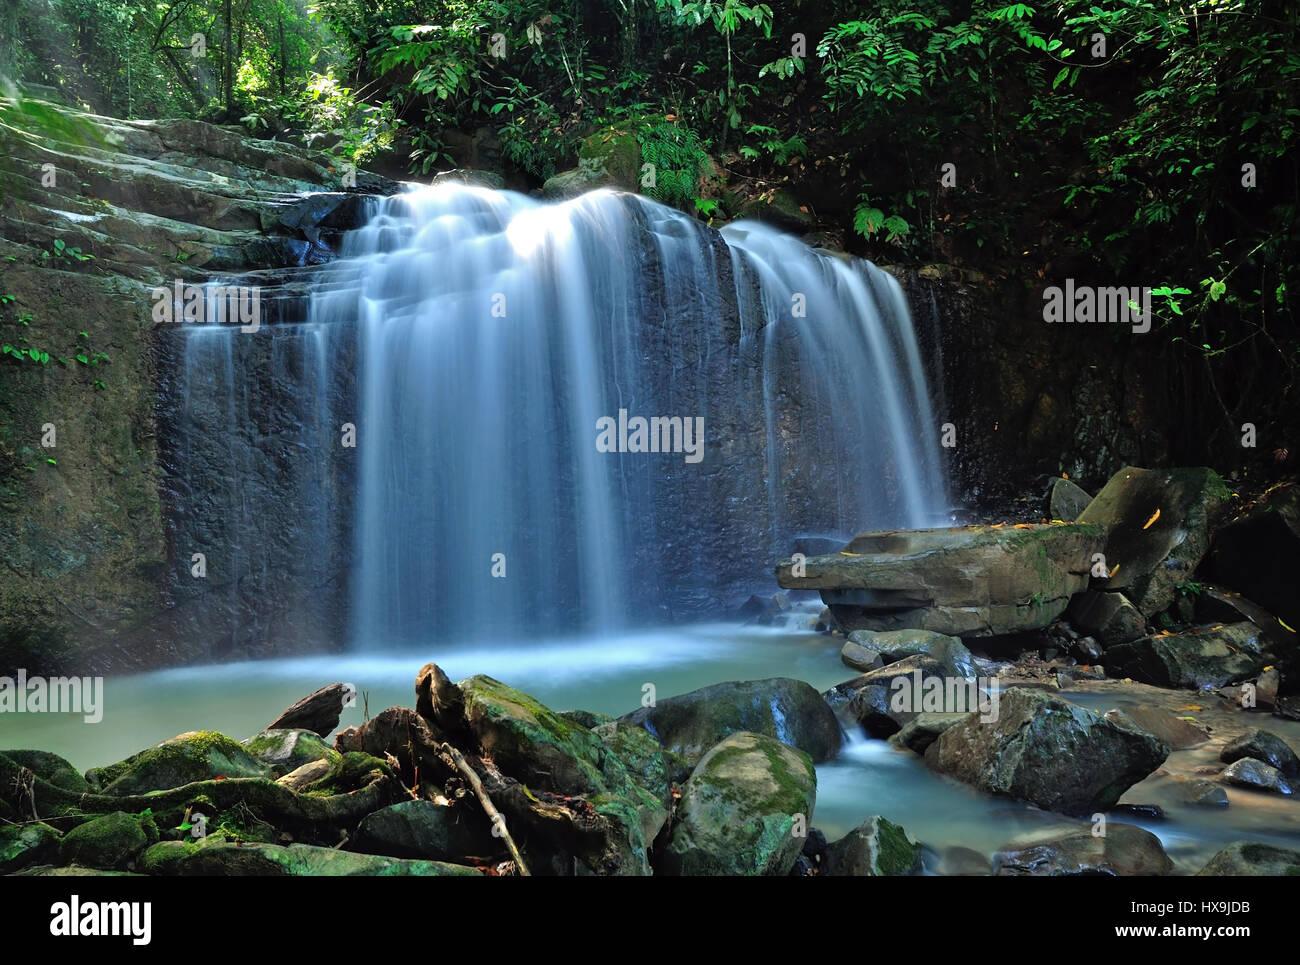 Waterfall in Kota Kinabalu, Sabah Borneo, Malaysia. - Stock Image